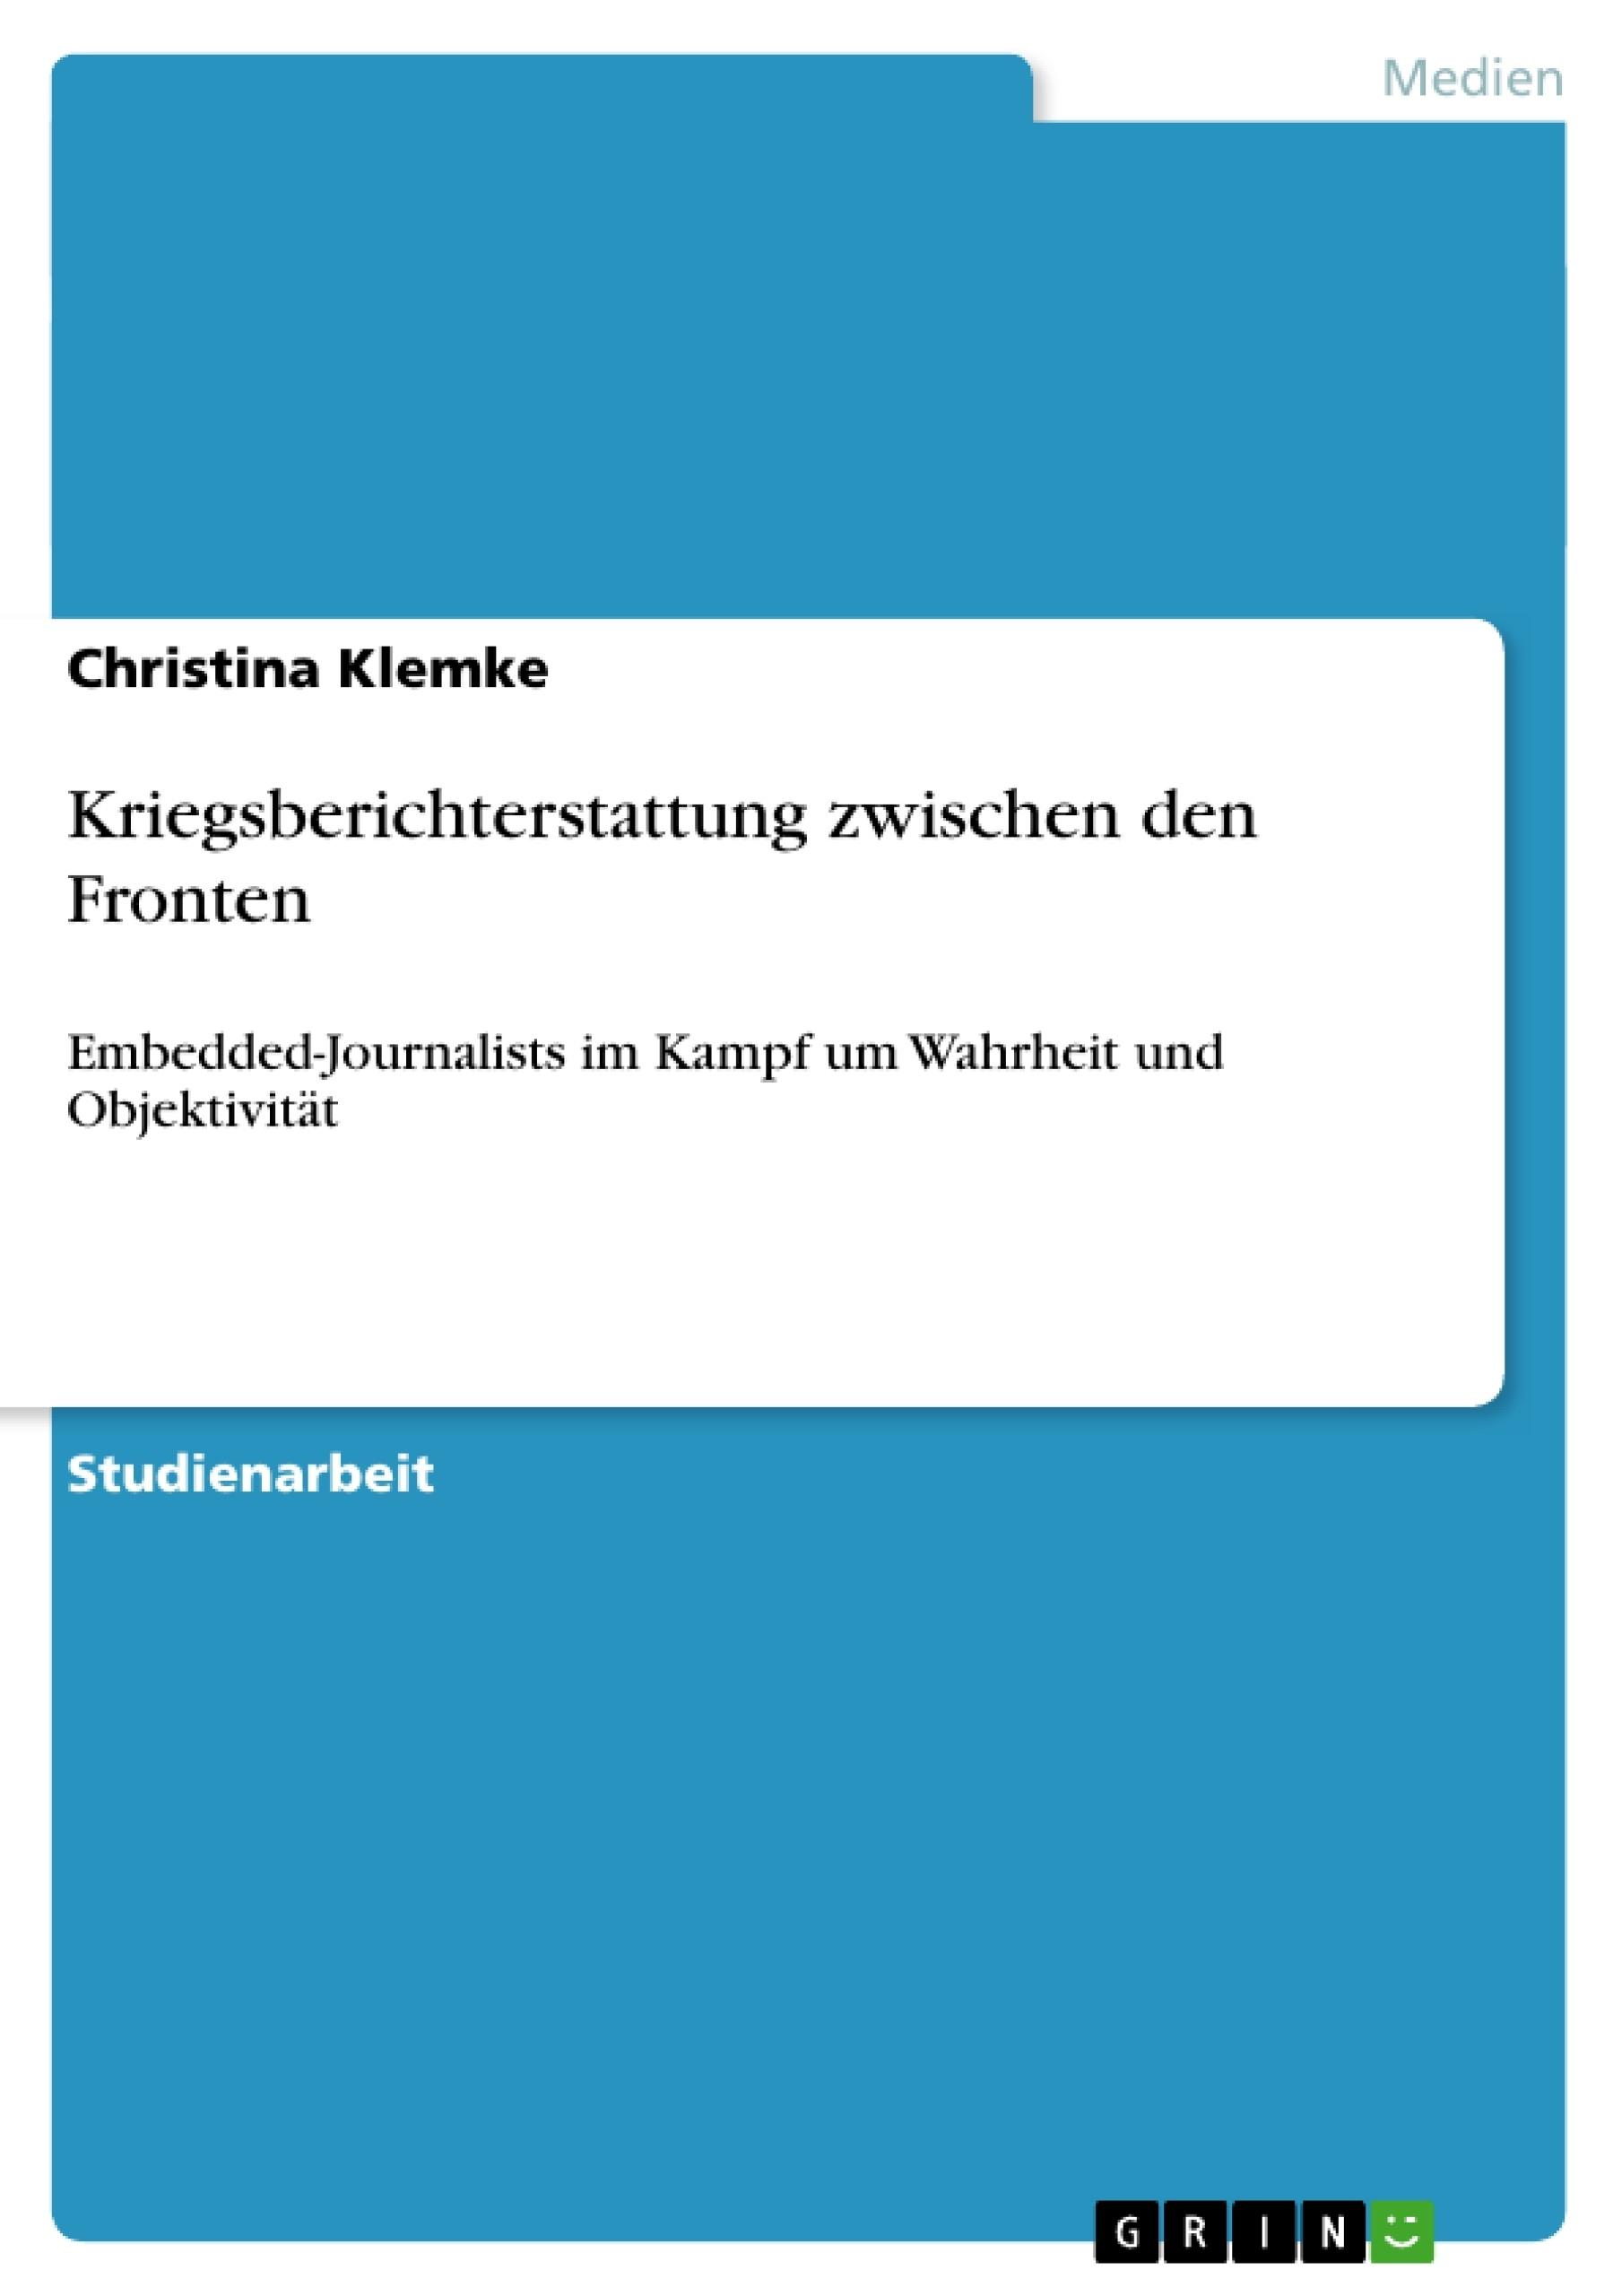 Titel: Kriegsberichterstattung zwischen den Fronten